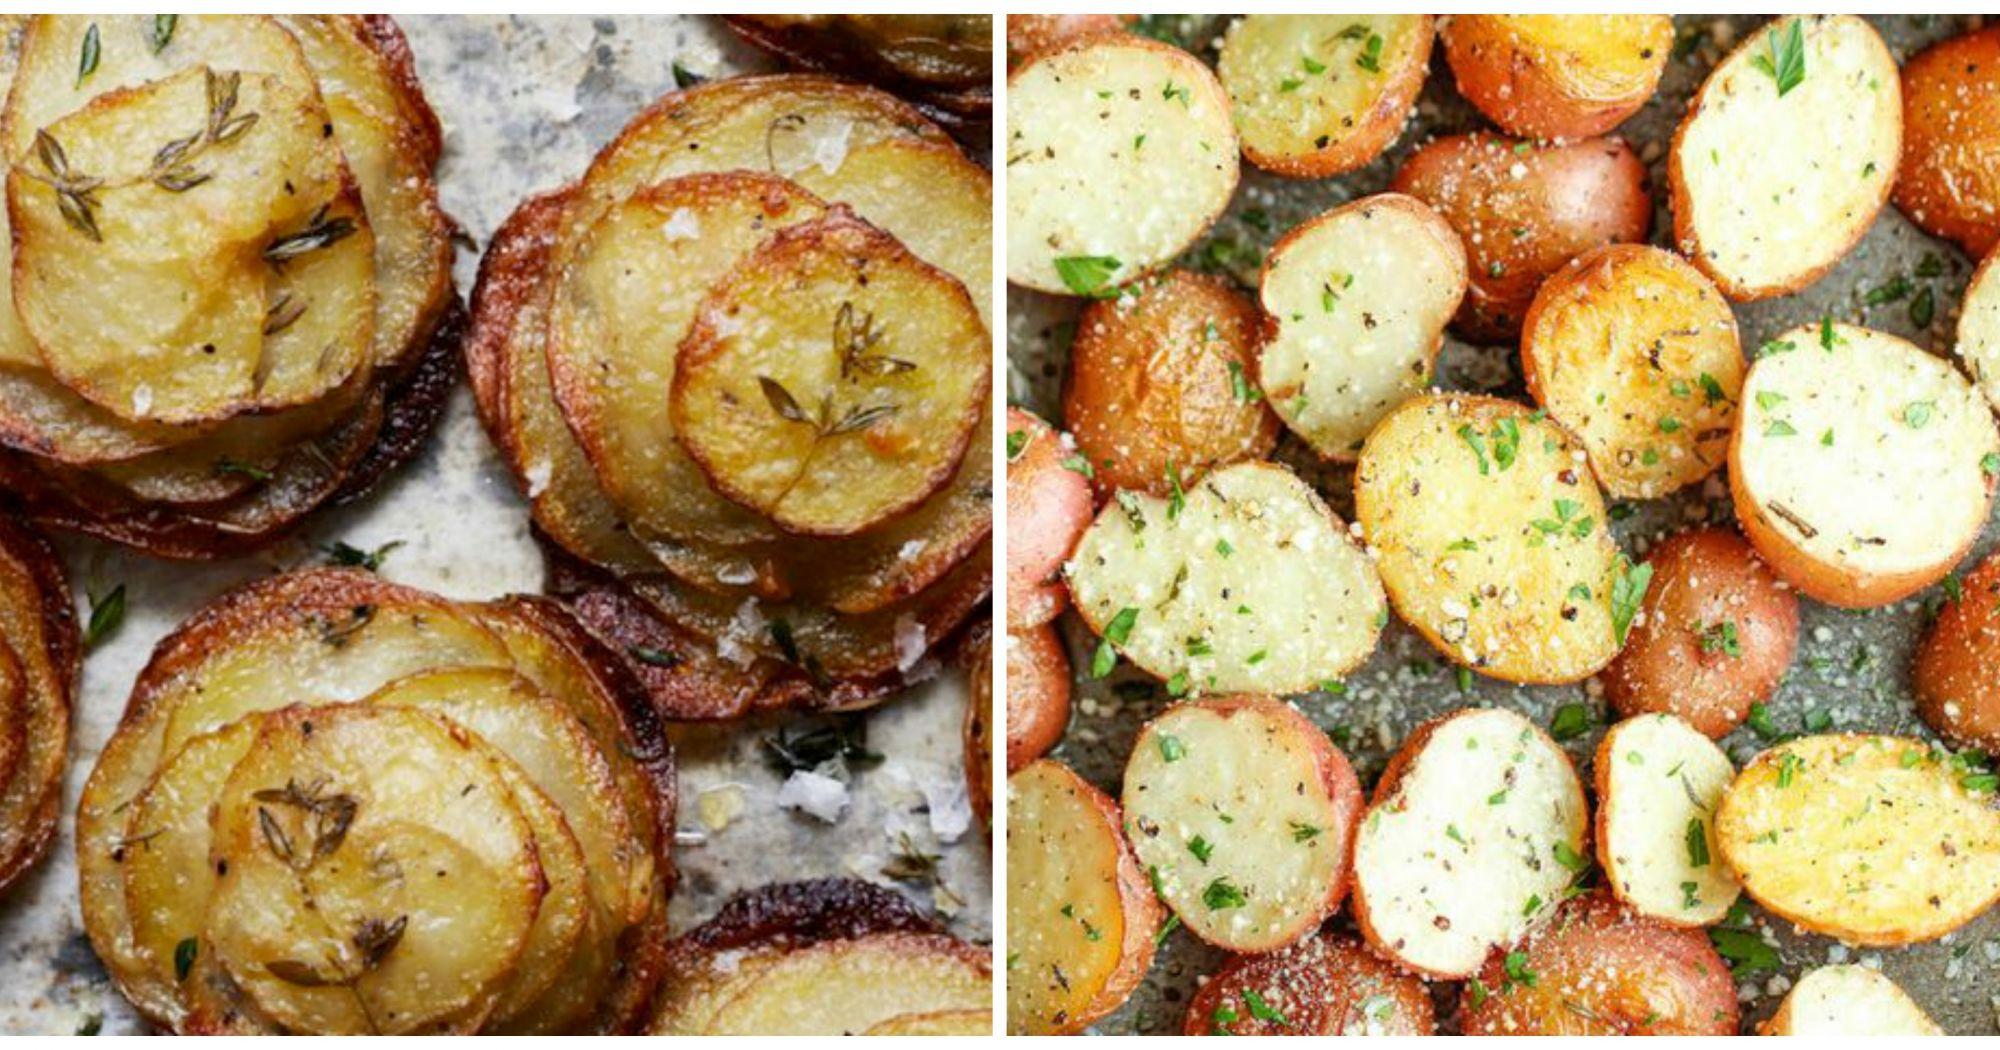 Como preparar patatas al horno - Patatas pequenas al horno ...